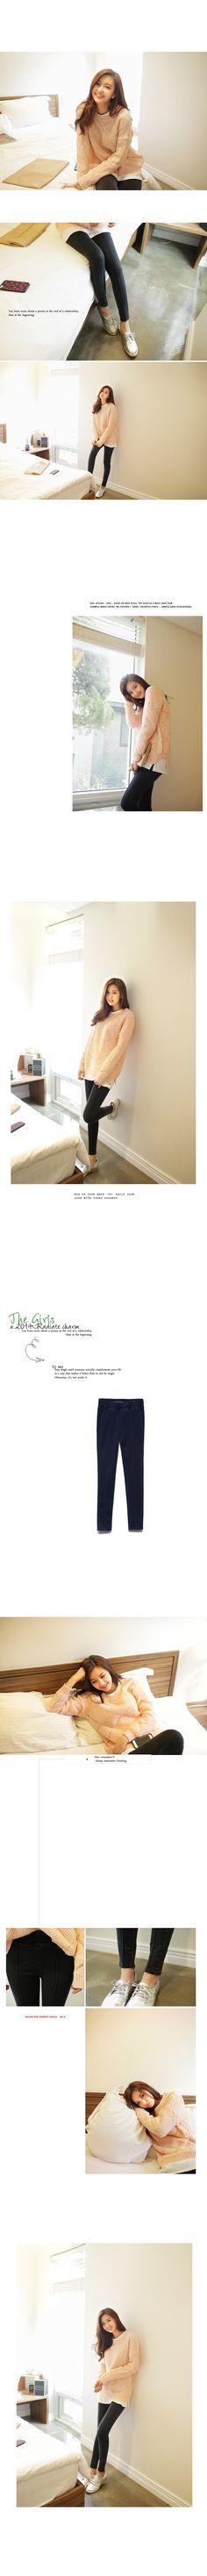 ラインポイントレギンスパンツ・全2色デニム・ジーンズデニム・ジーンズ|レディースファッション通販 DHOLICディーホリック [ファストファッション 水着 ワンピース]